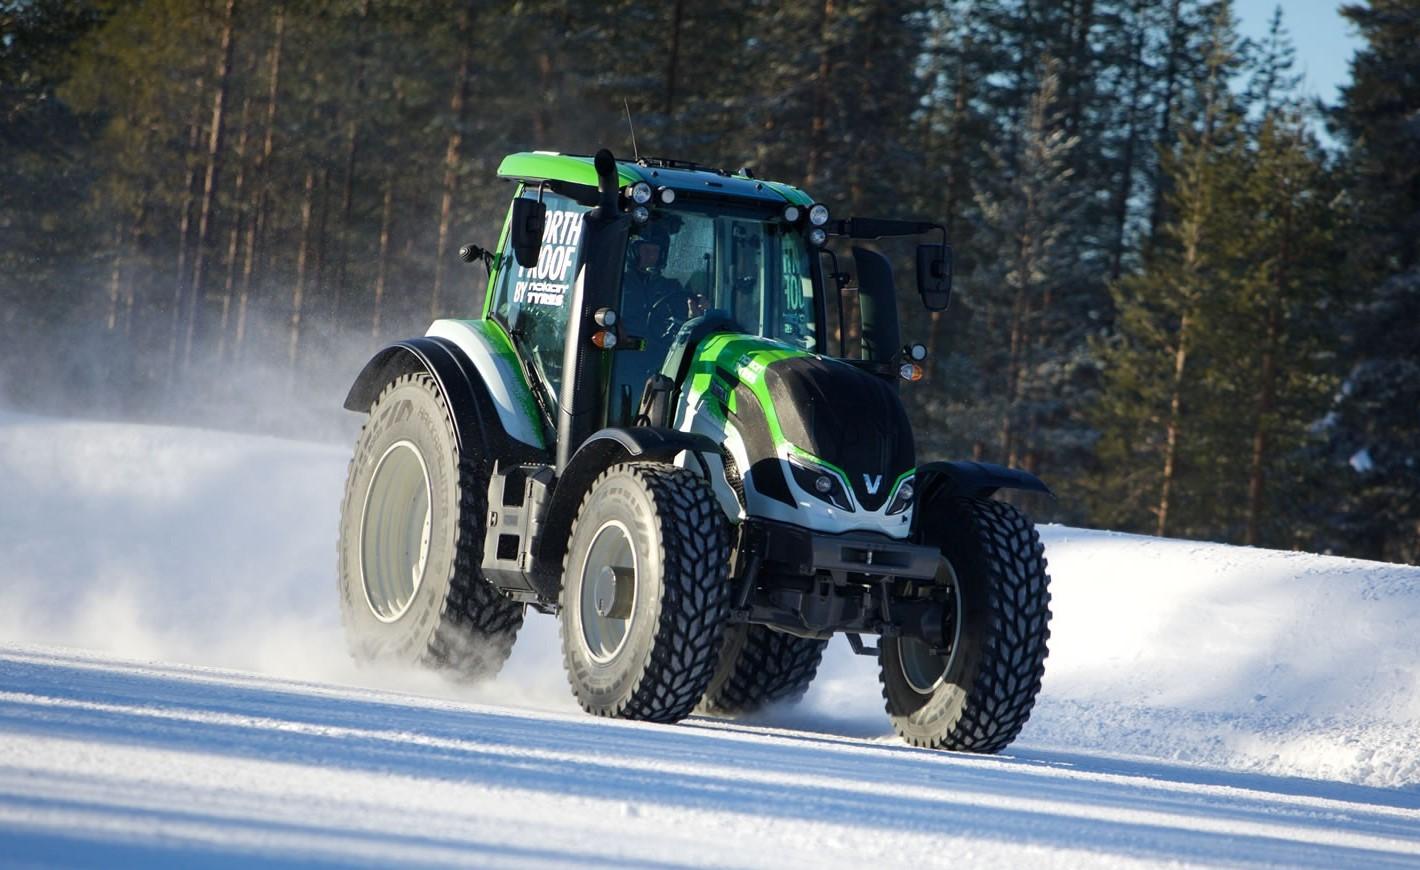 Езда на тракторе без прав